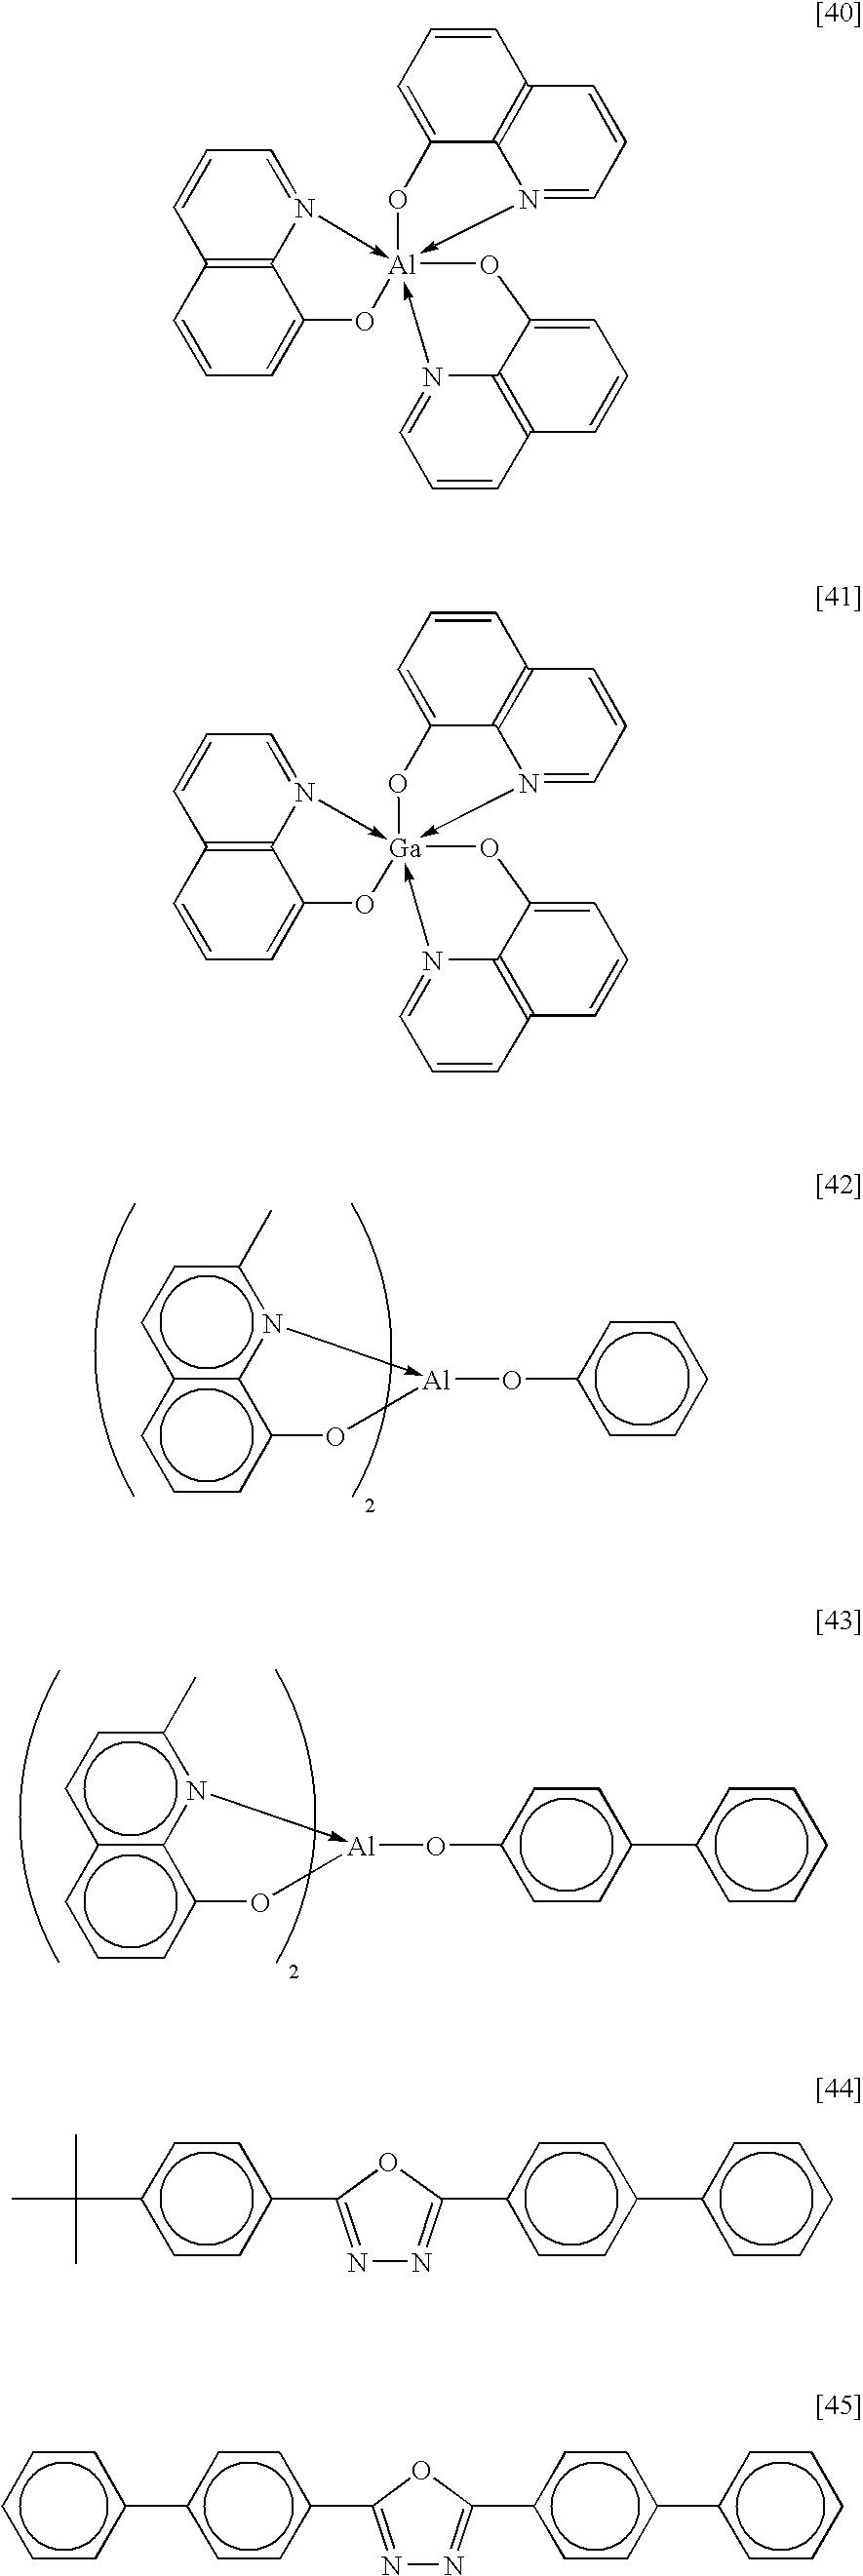 Figure US08349472-20130108-C00015